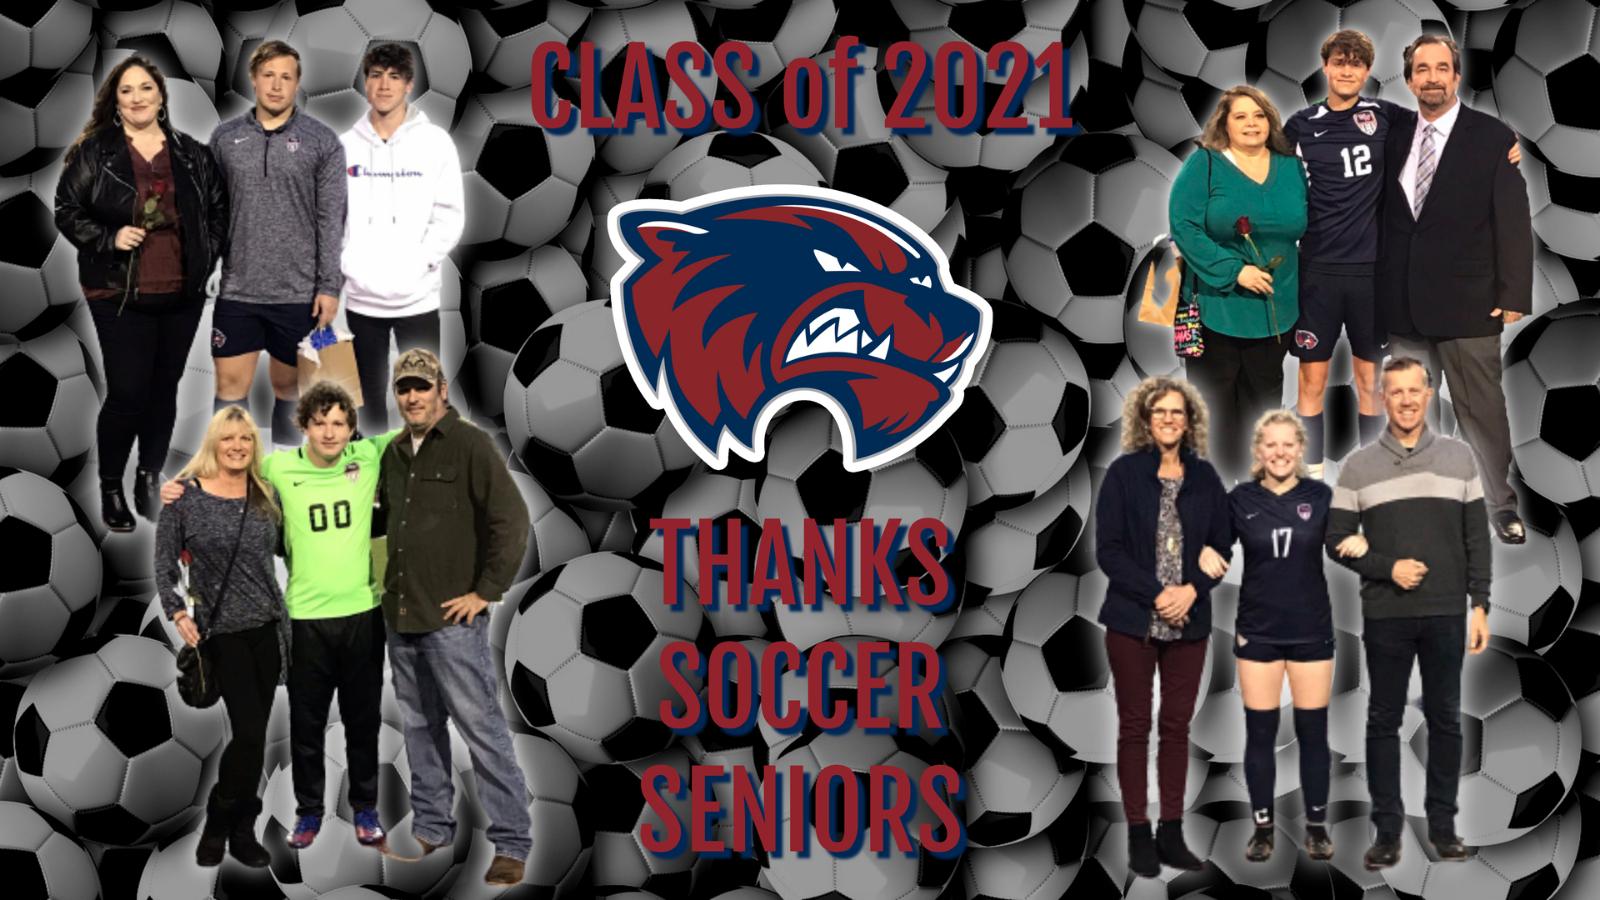 Thanks Soccer Seniors